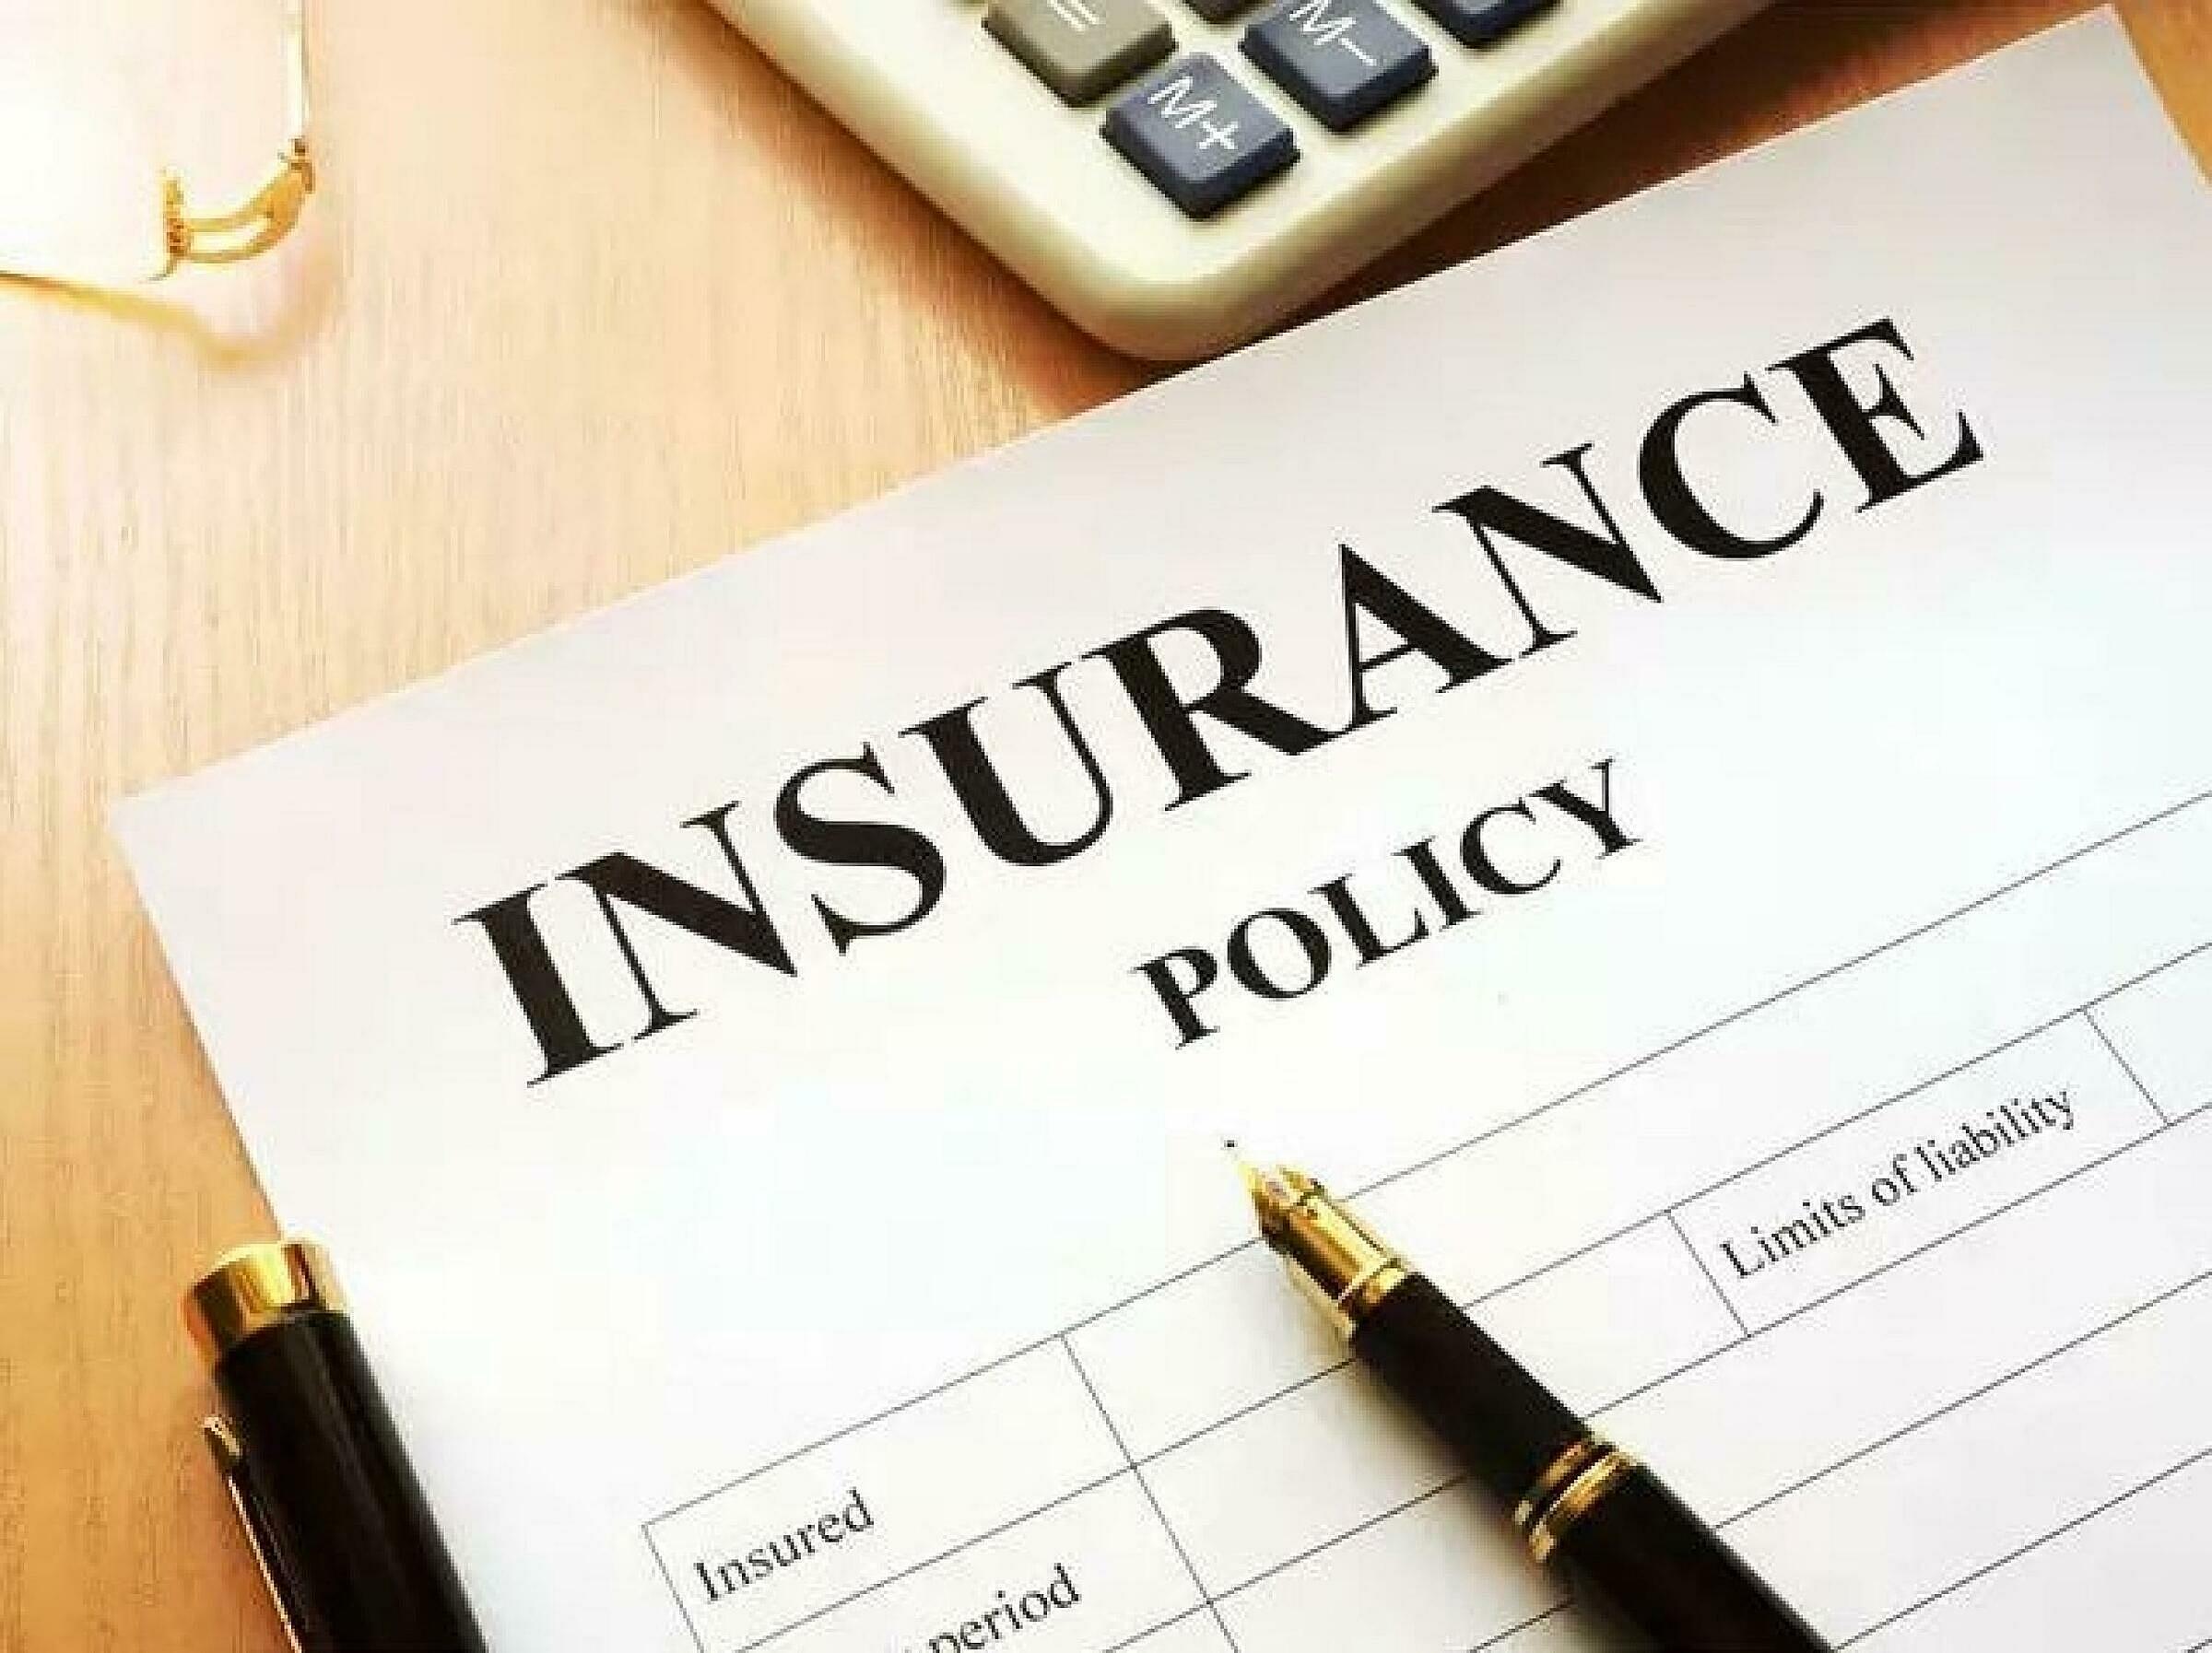 Ảnh: Cần tìm hiểu kỹ Luật Kinh doanh bảo hiểm trước khi tham gia để tránh bị vô hiệu hợp đồng đáng tiếc. Ảnh: The Economic Times.